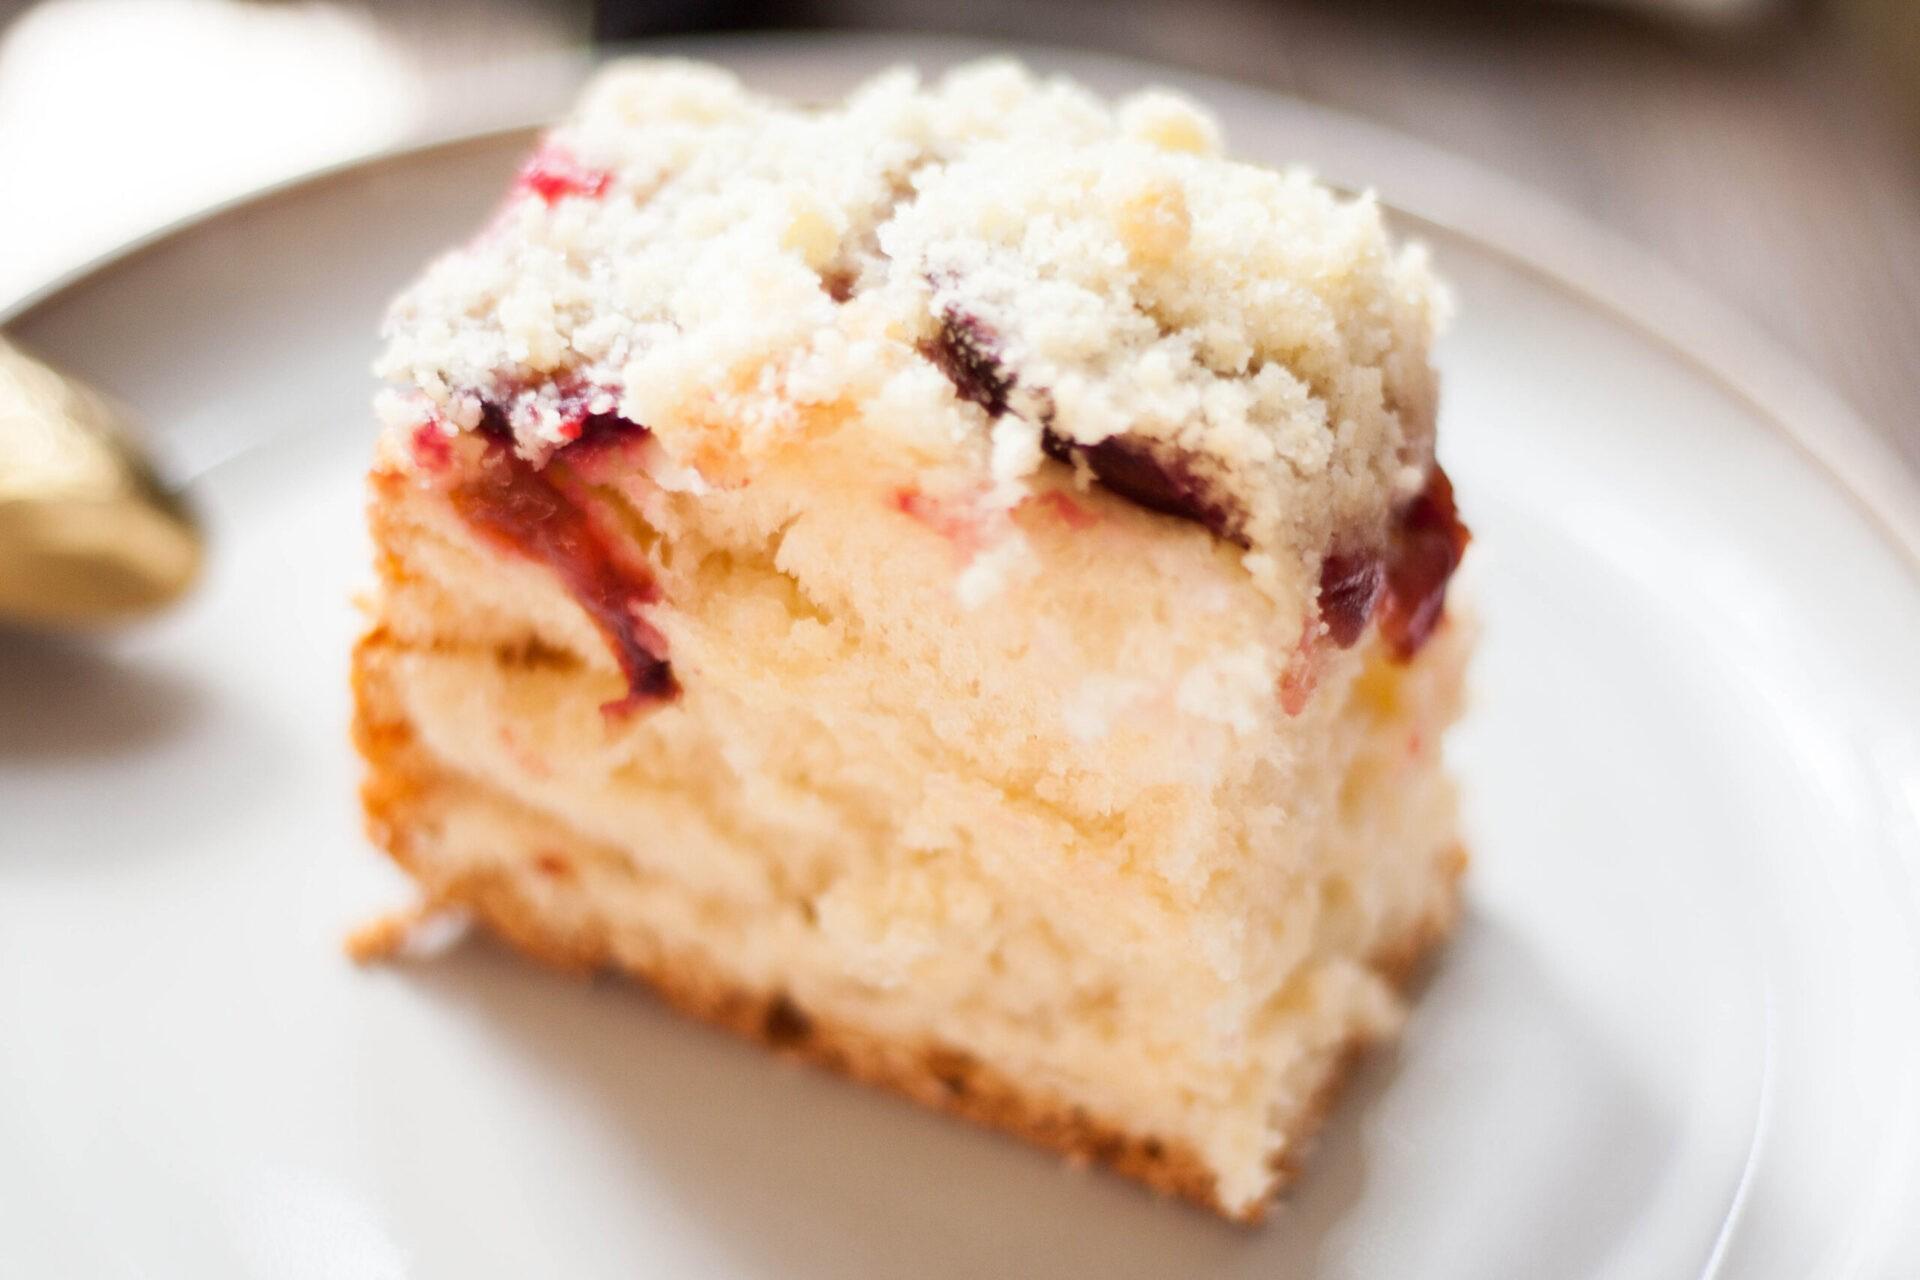 ciasto drożdżowe ze śliwkami i kruszonką na talerzyku